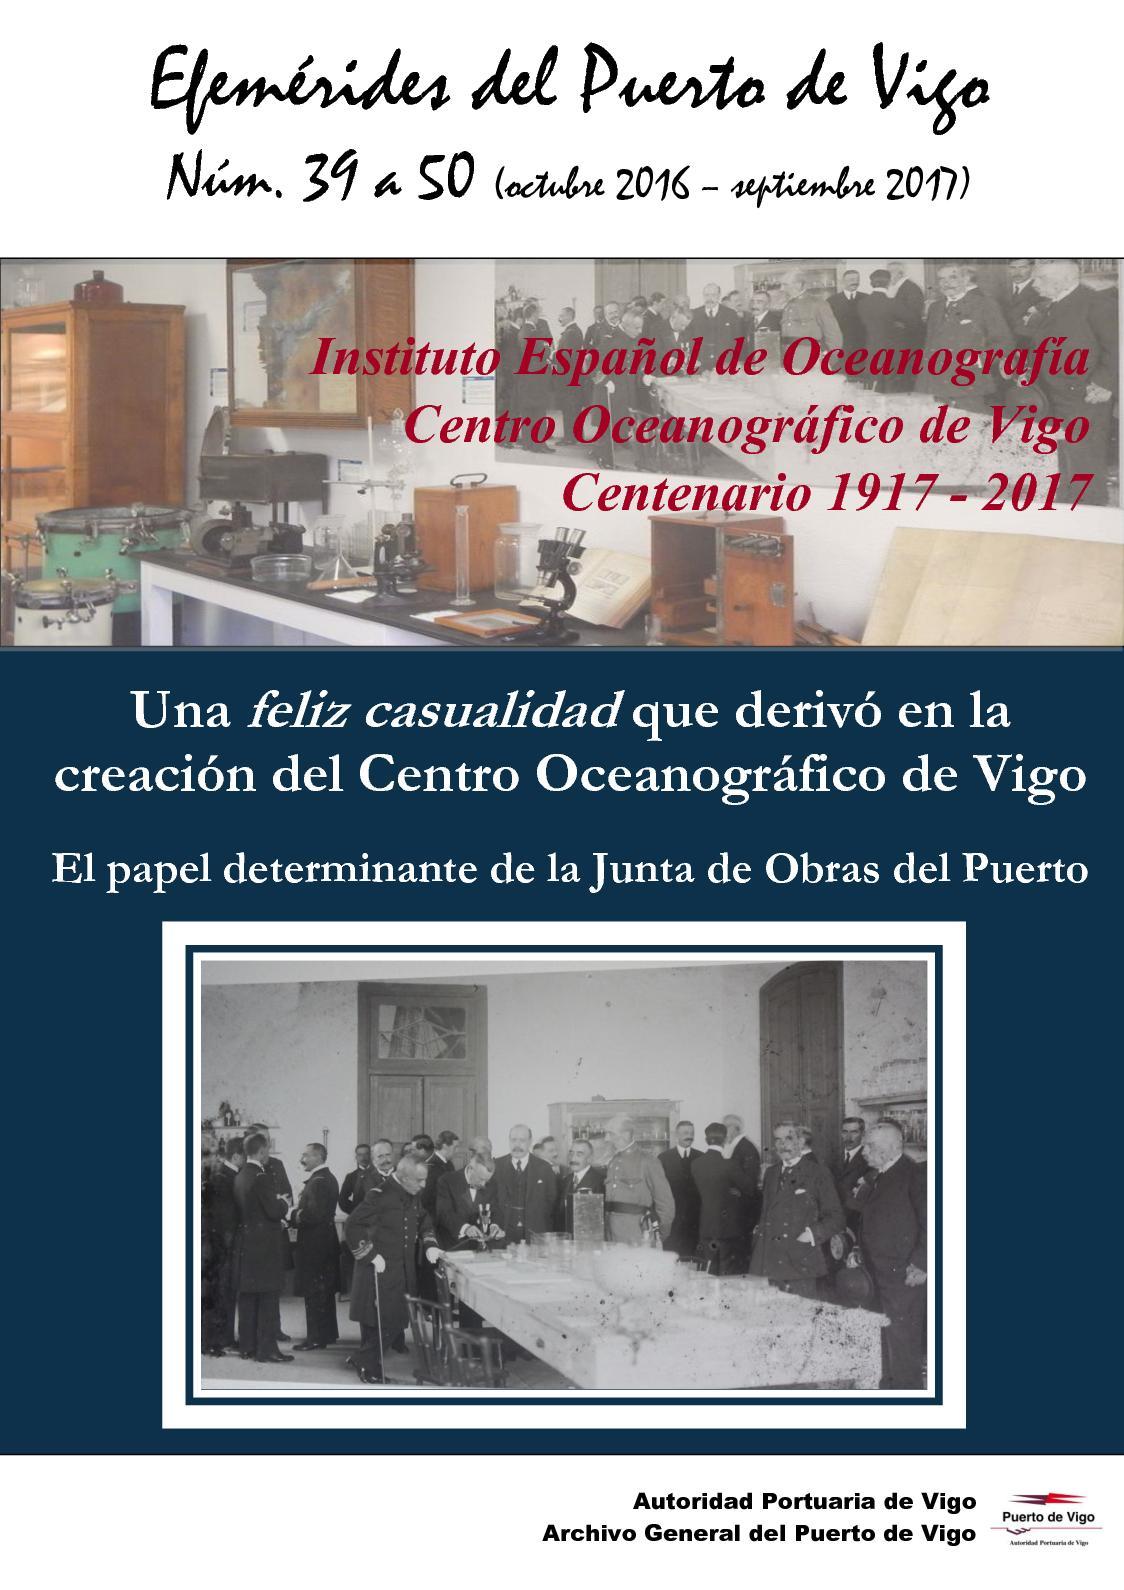 Calaméo - Centenario del Oceanográfico de Vigo  el papel del Puerto e14cb628b68